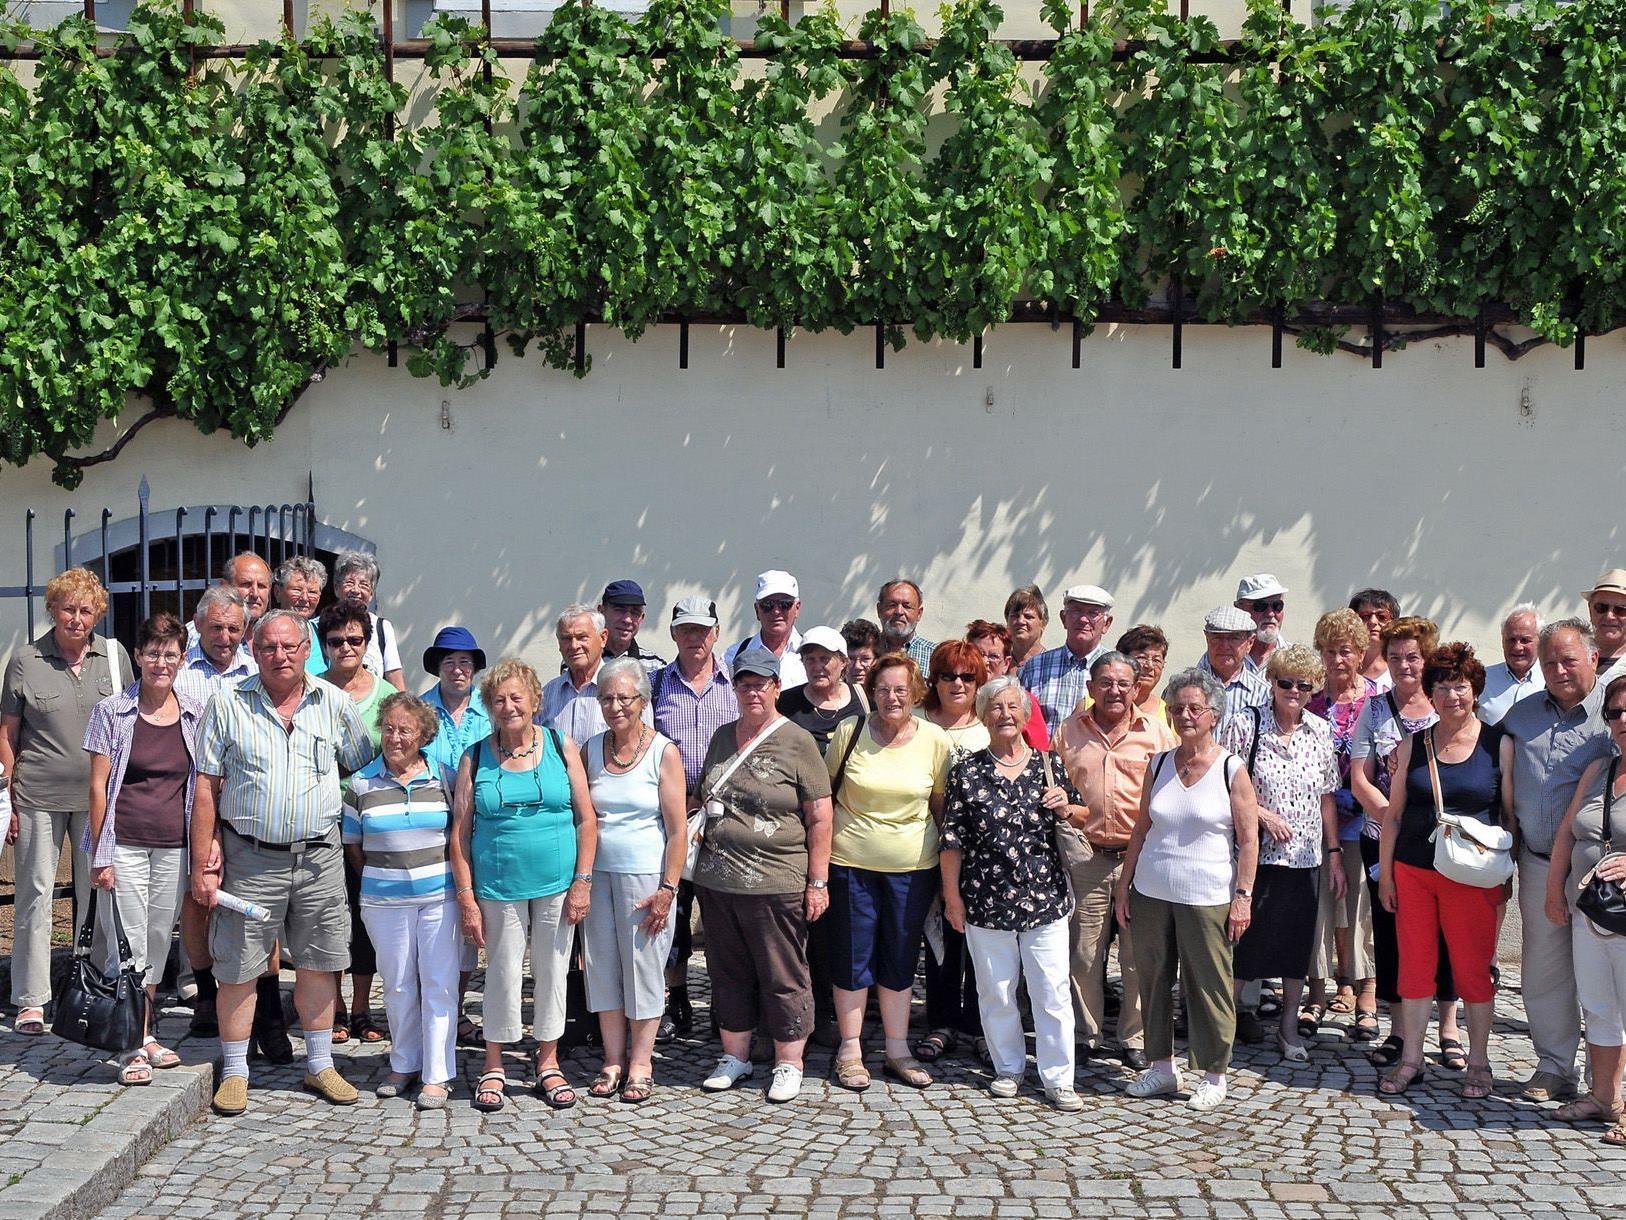 Gruppenfoto der Höchster Ausflügler vor der 400 Jahre alten Weinrebe in Maribor